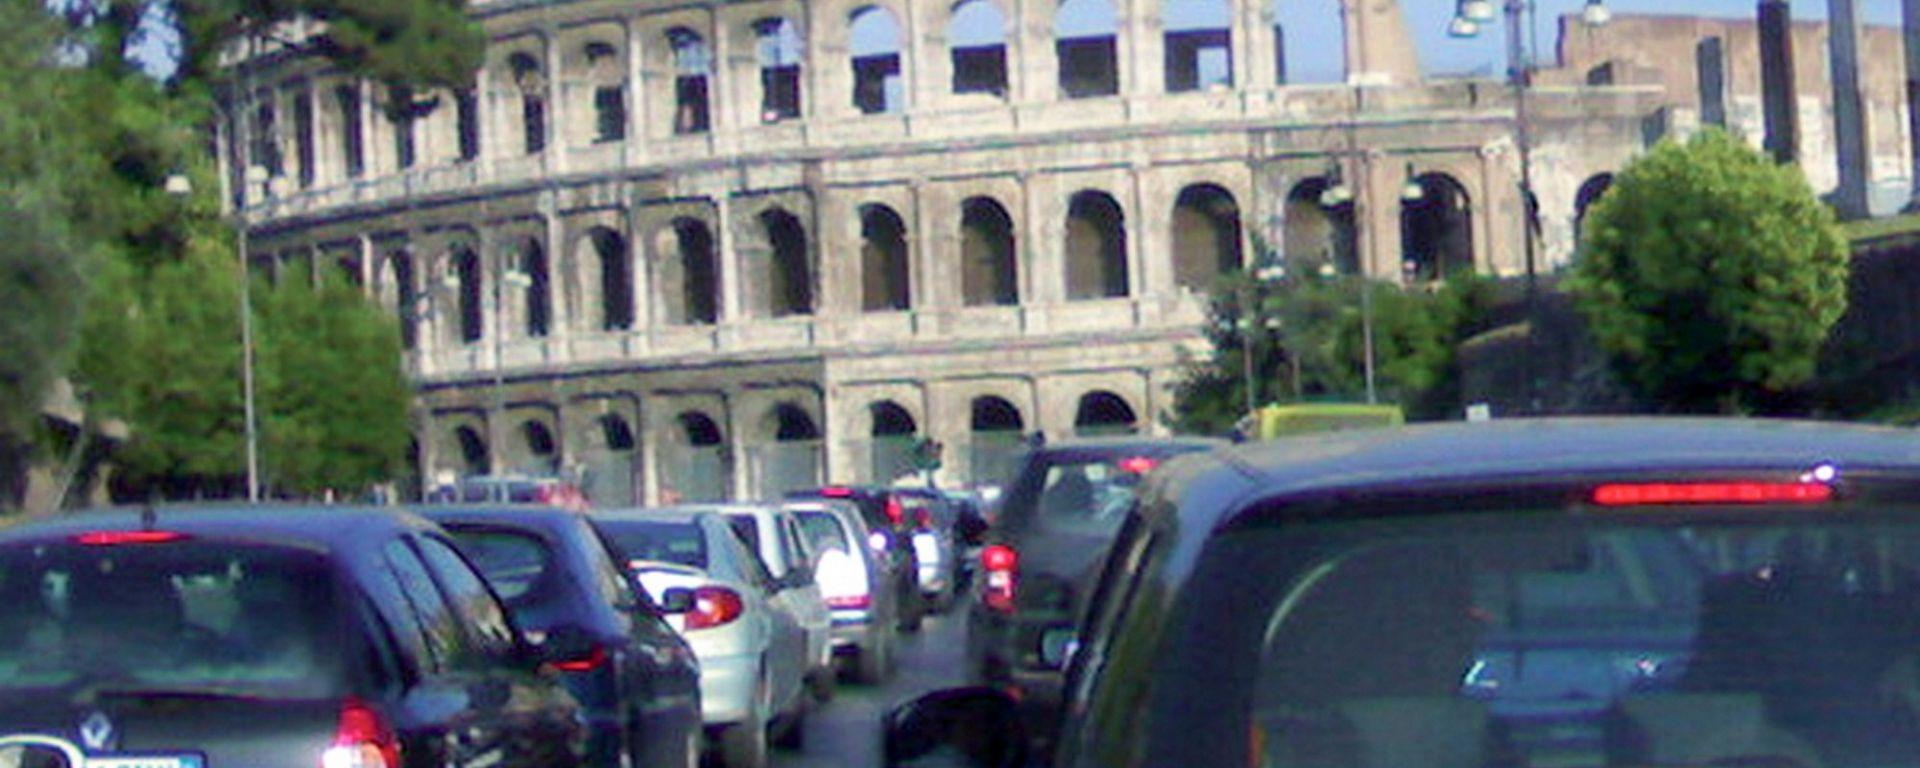 Vecchi diesel, da gennaio 2019 anche Roma chiude agli Euro 3